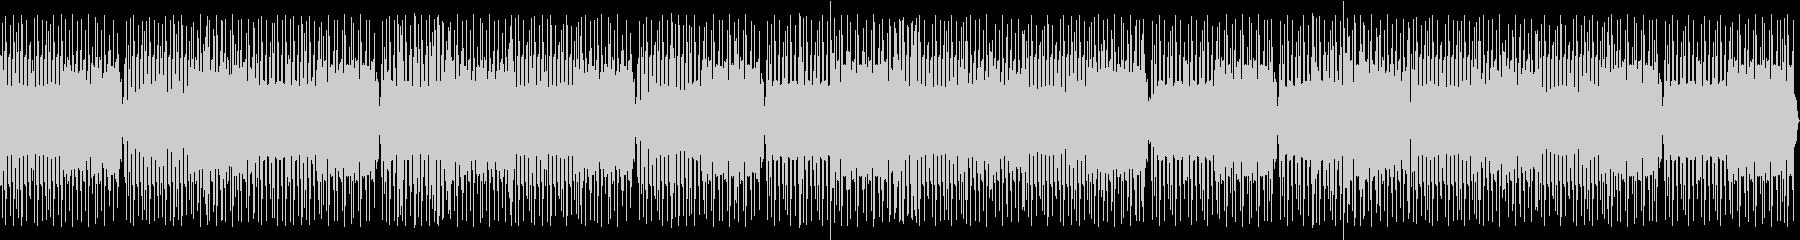 喋り動画用_サイケなハウス系ビートBGMの未再生の波形